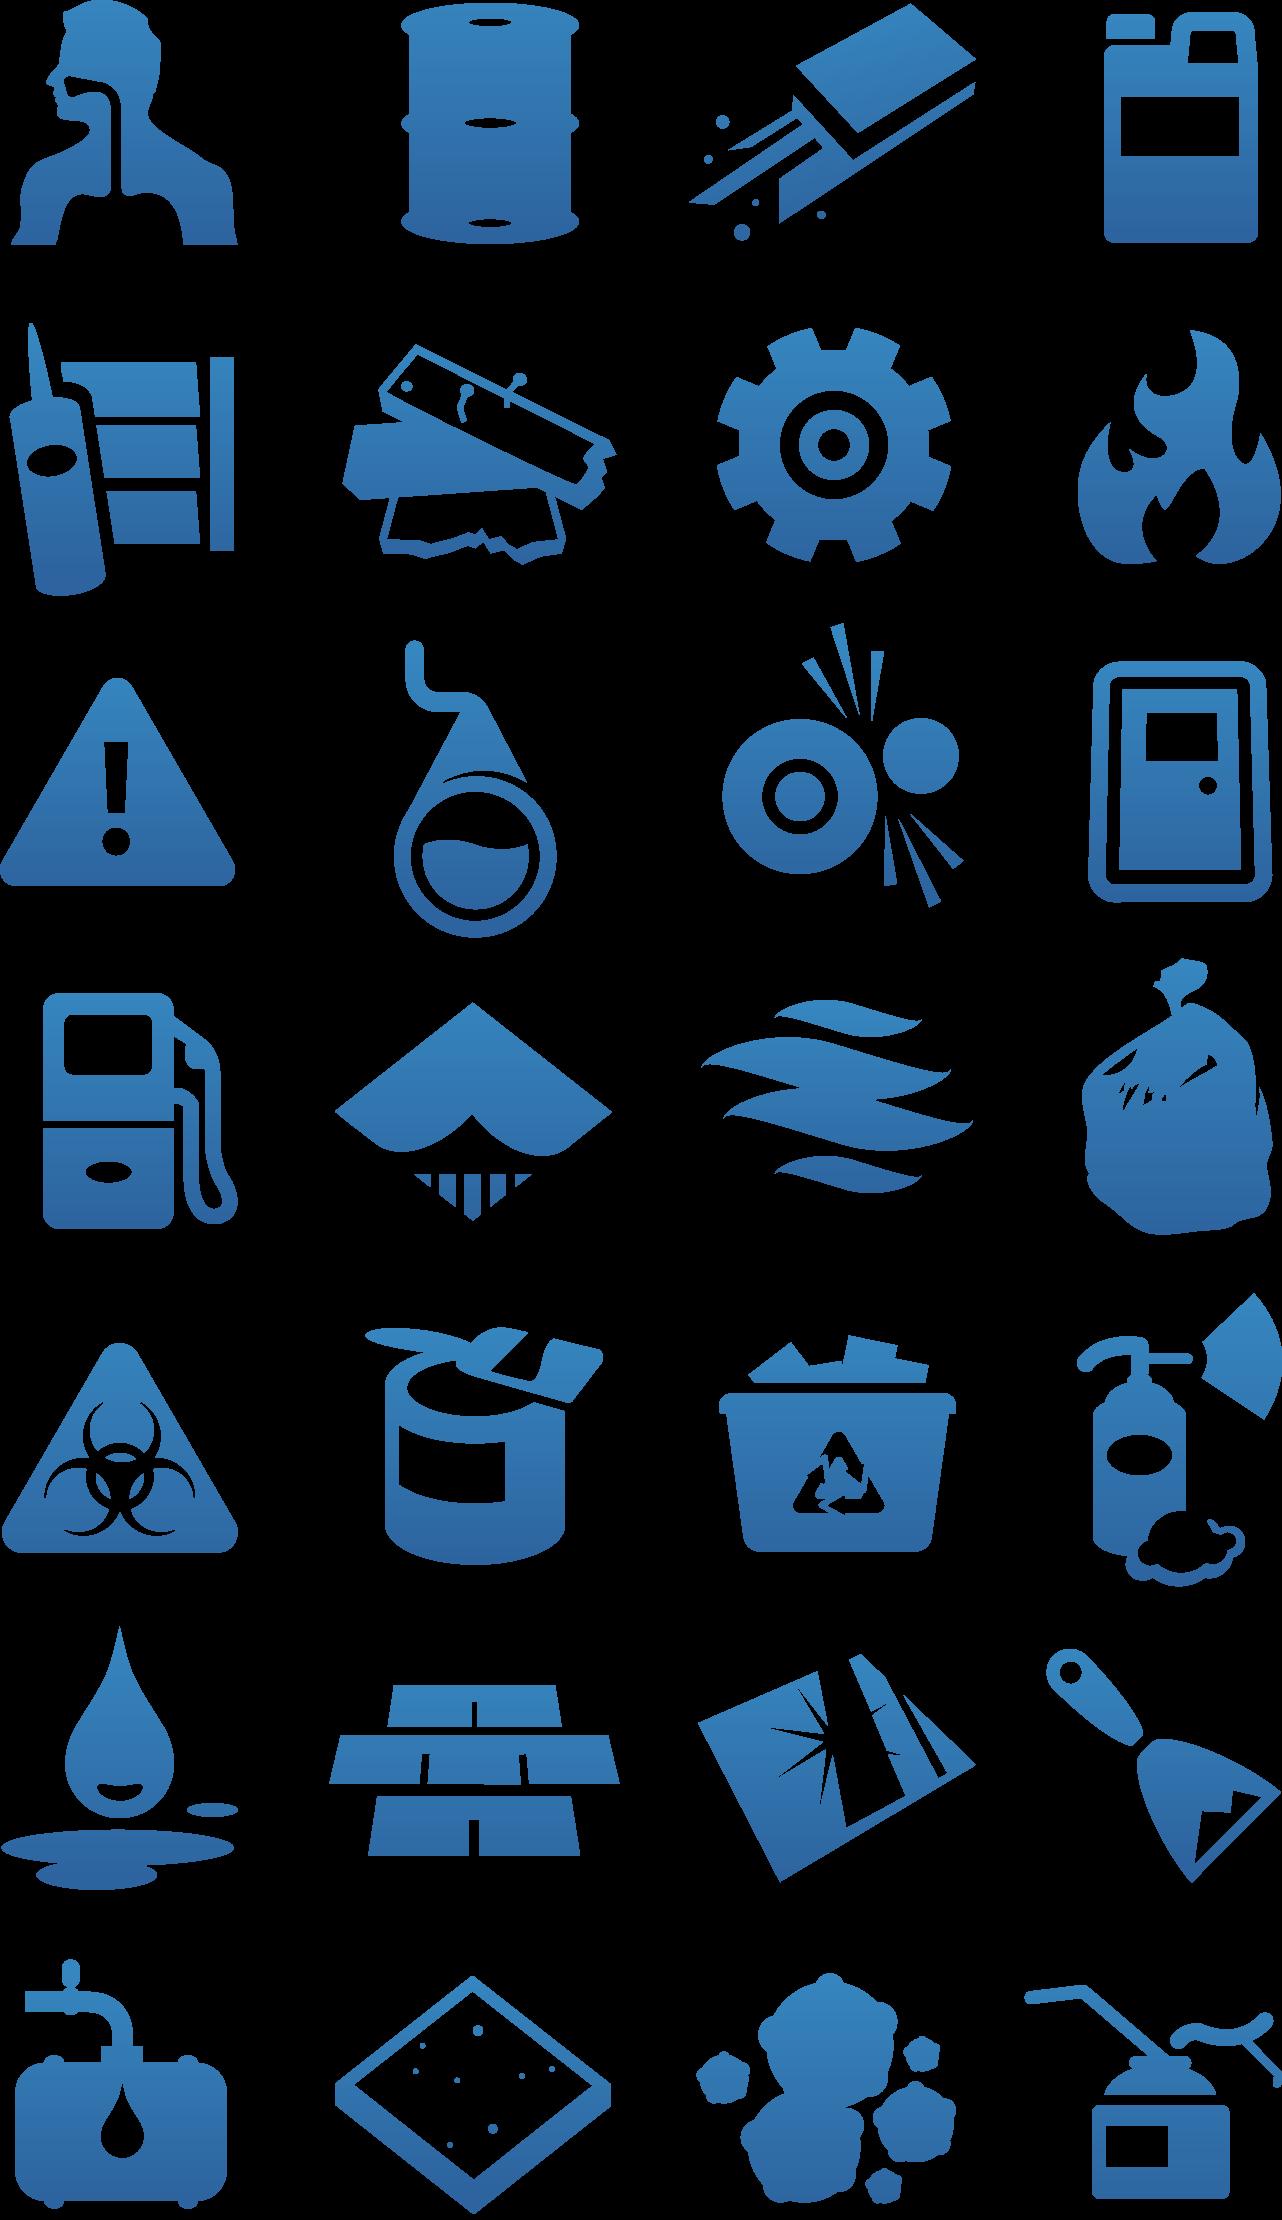 cv icon clipart 10 free cliparts